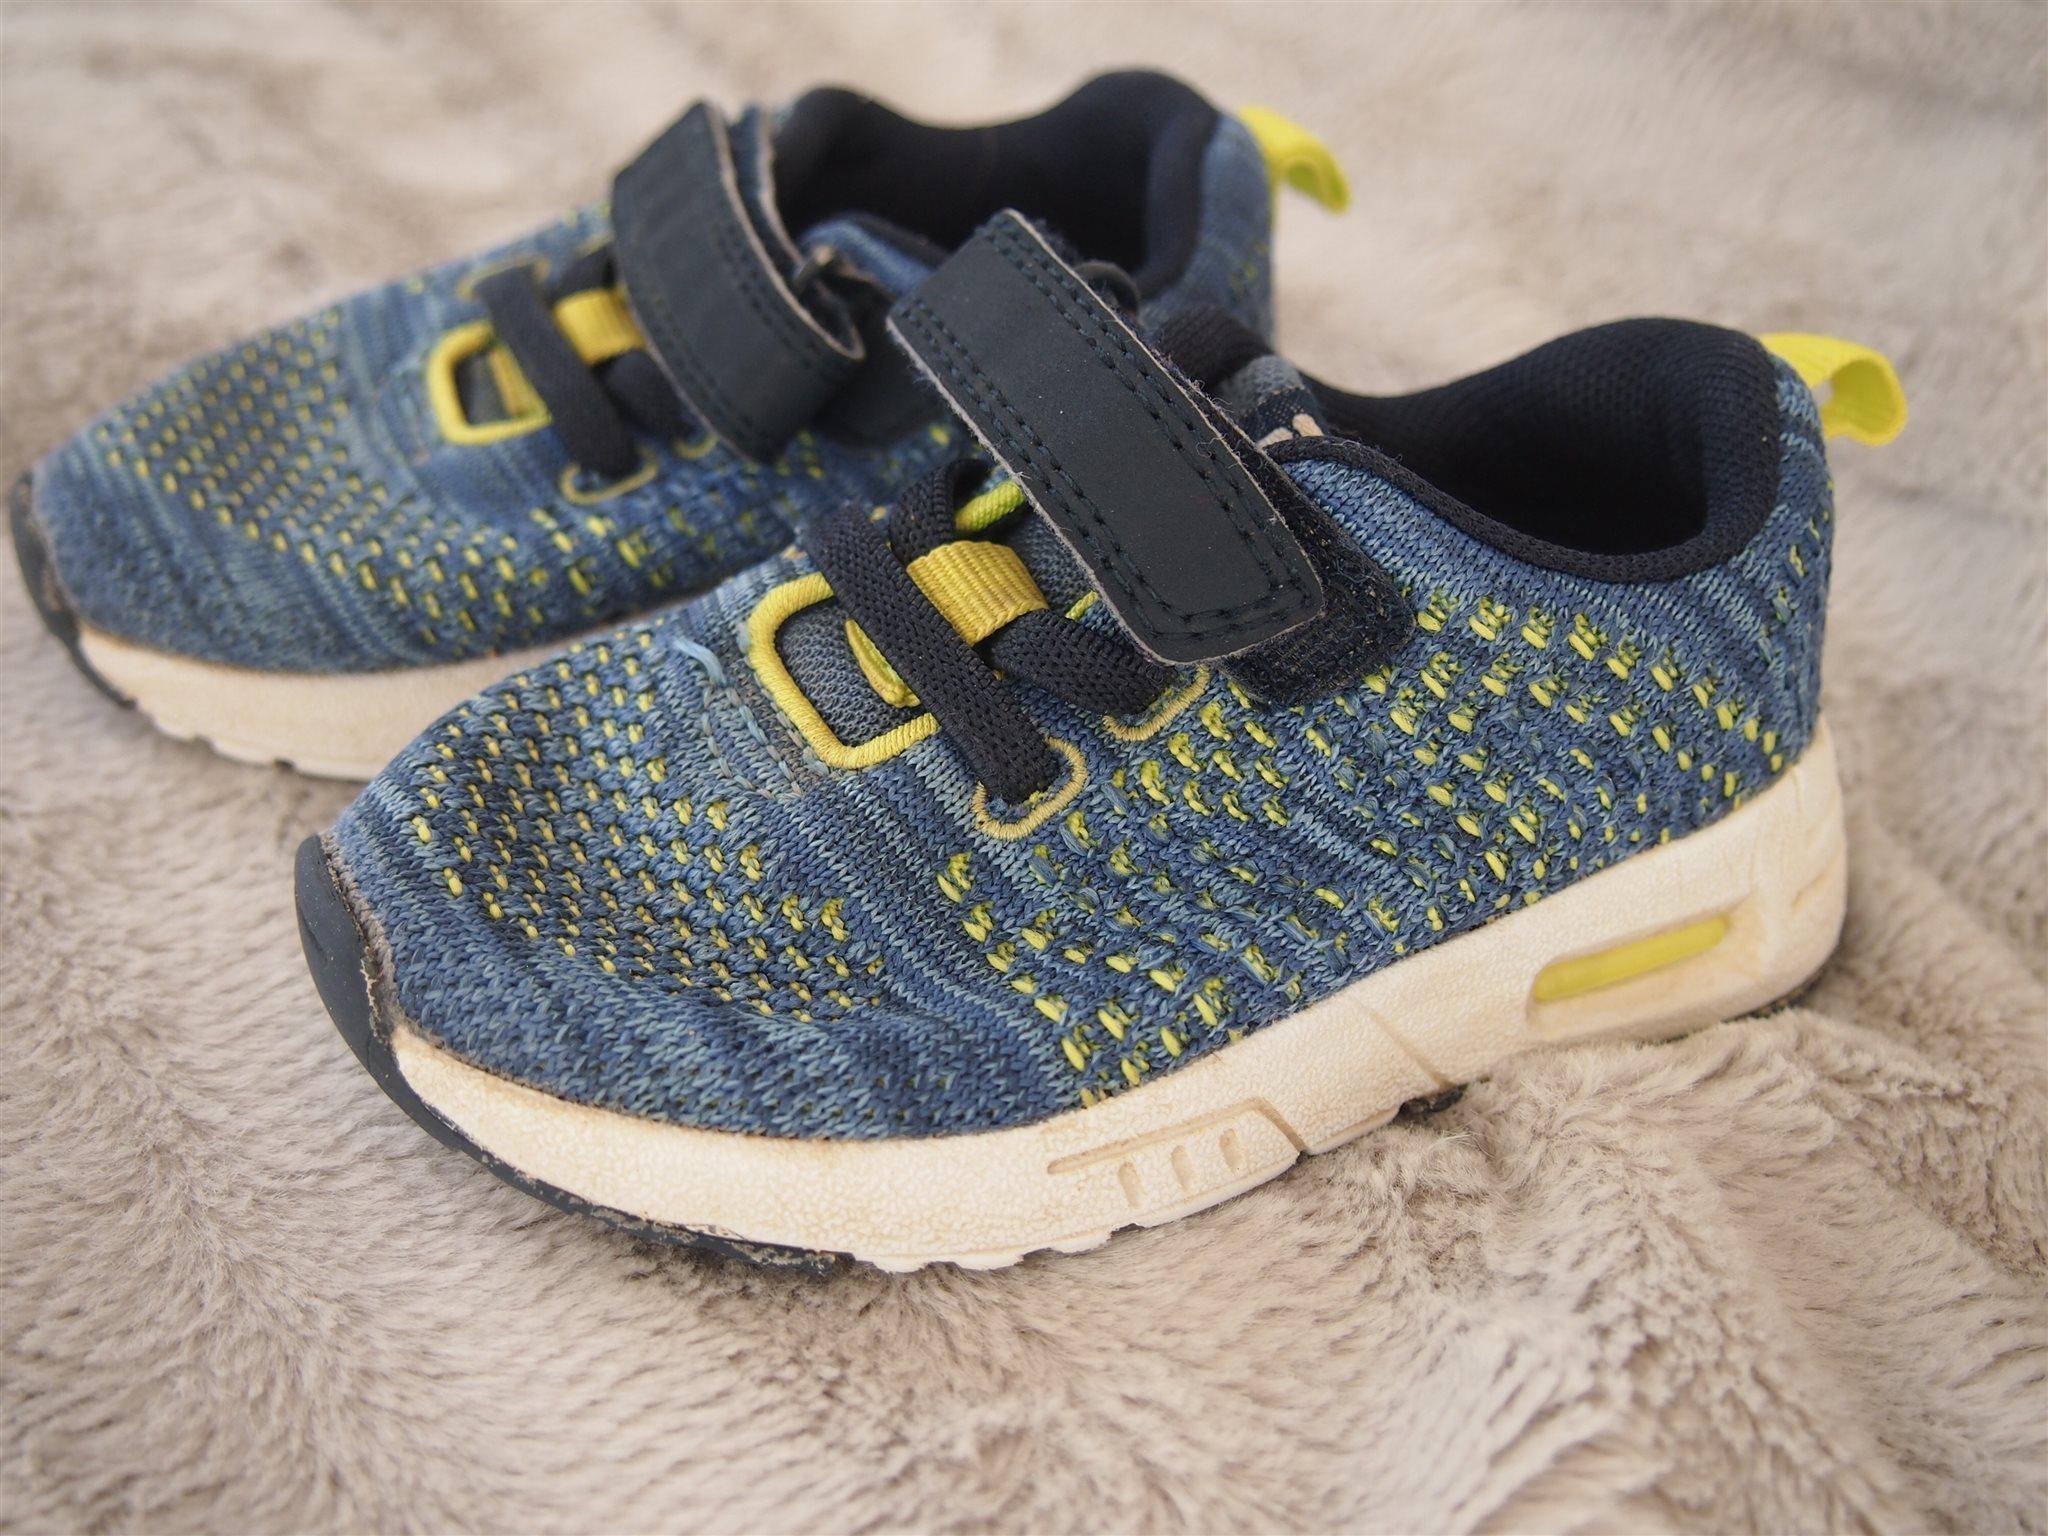 online store c177a 7eb8f Blå sneakers storlek 22 av märket Din Sko